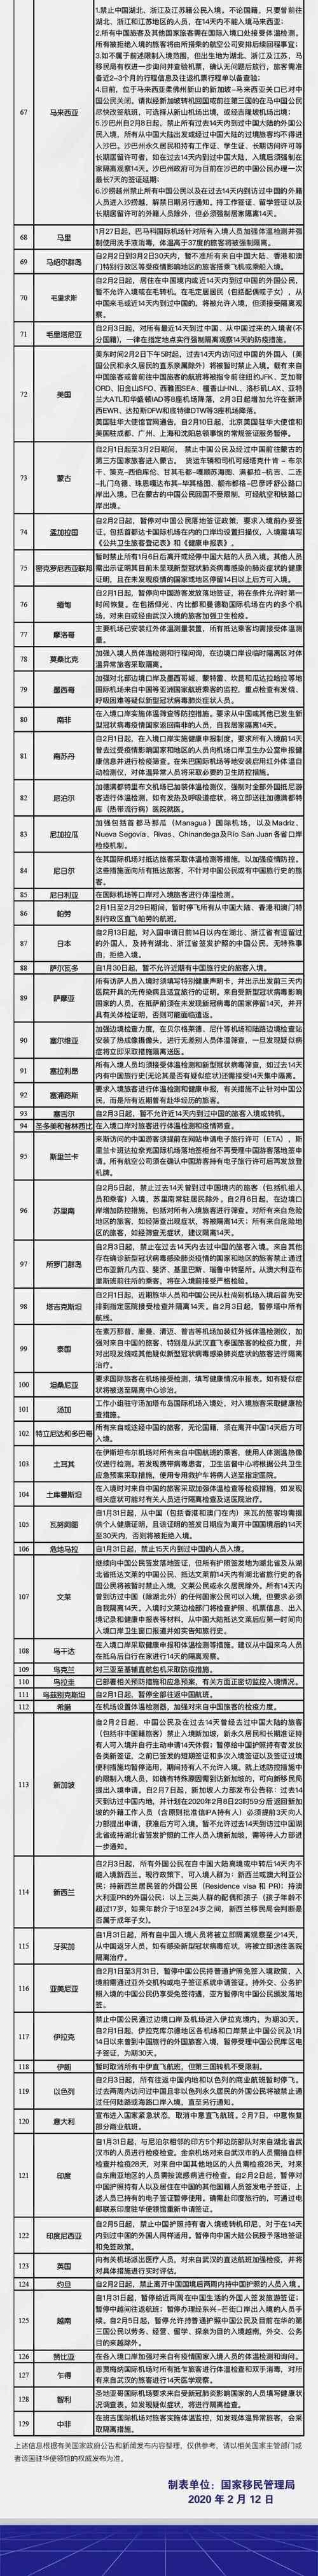 截止到2.12日,对中国公民实施入境管制国家激增至129个!